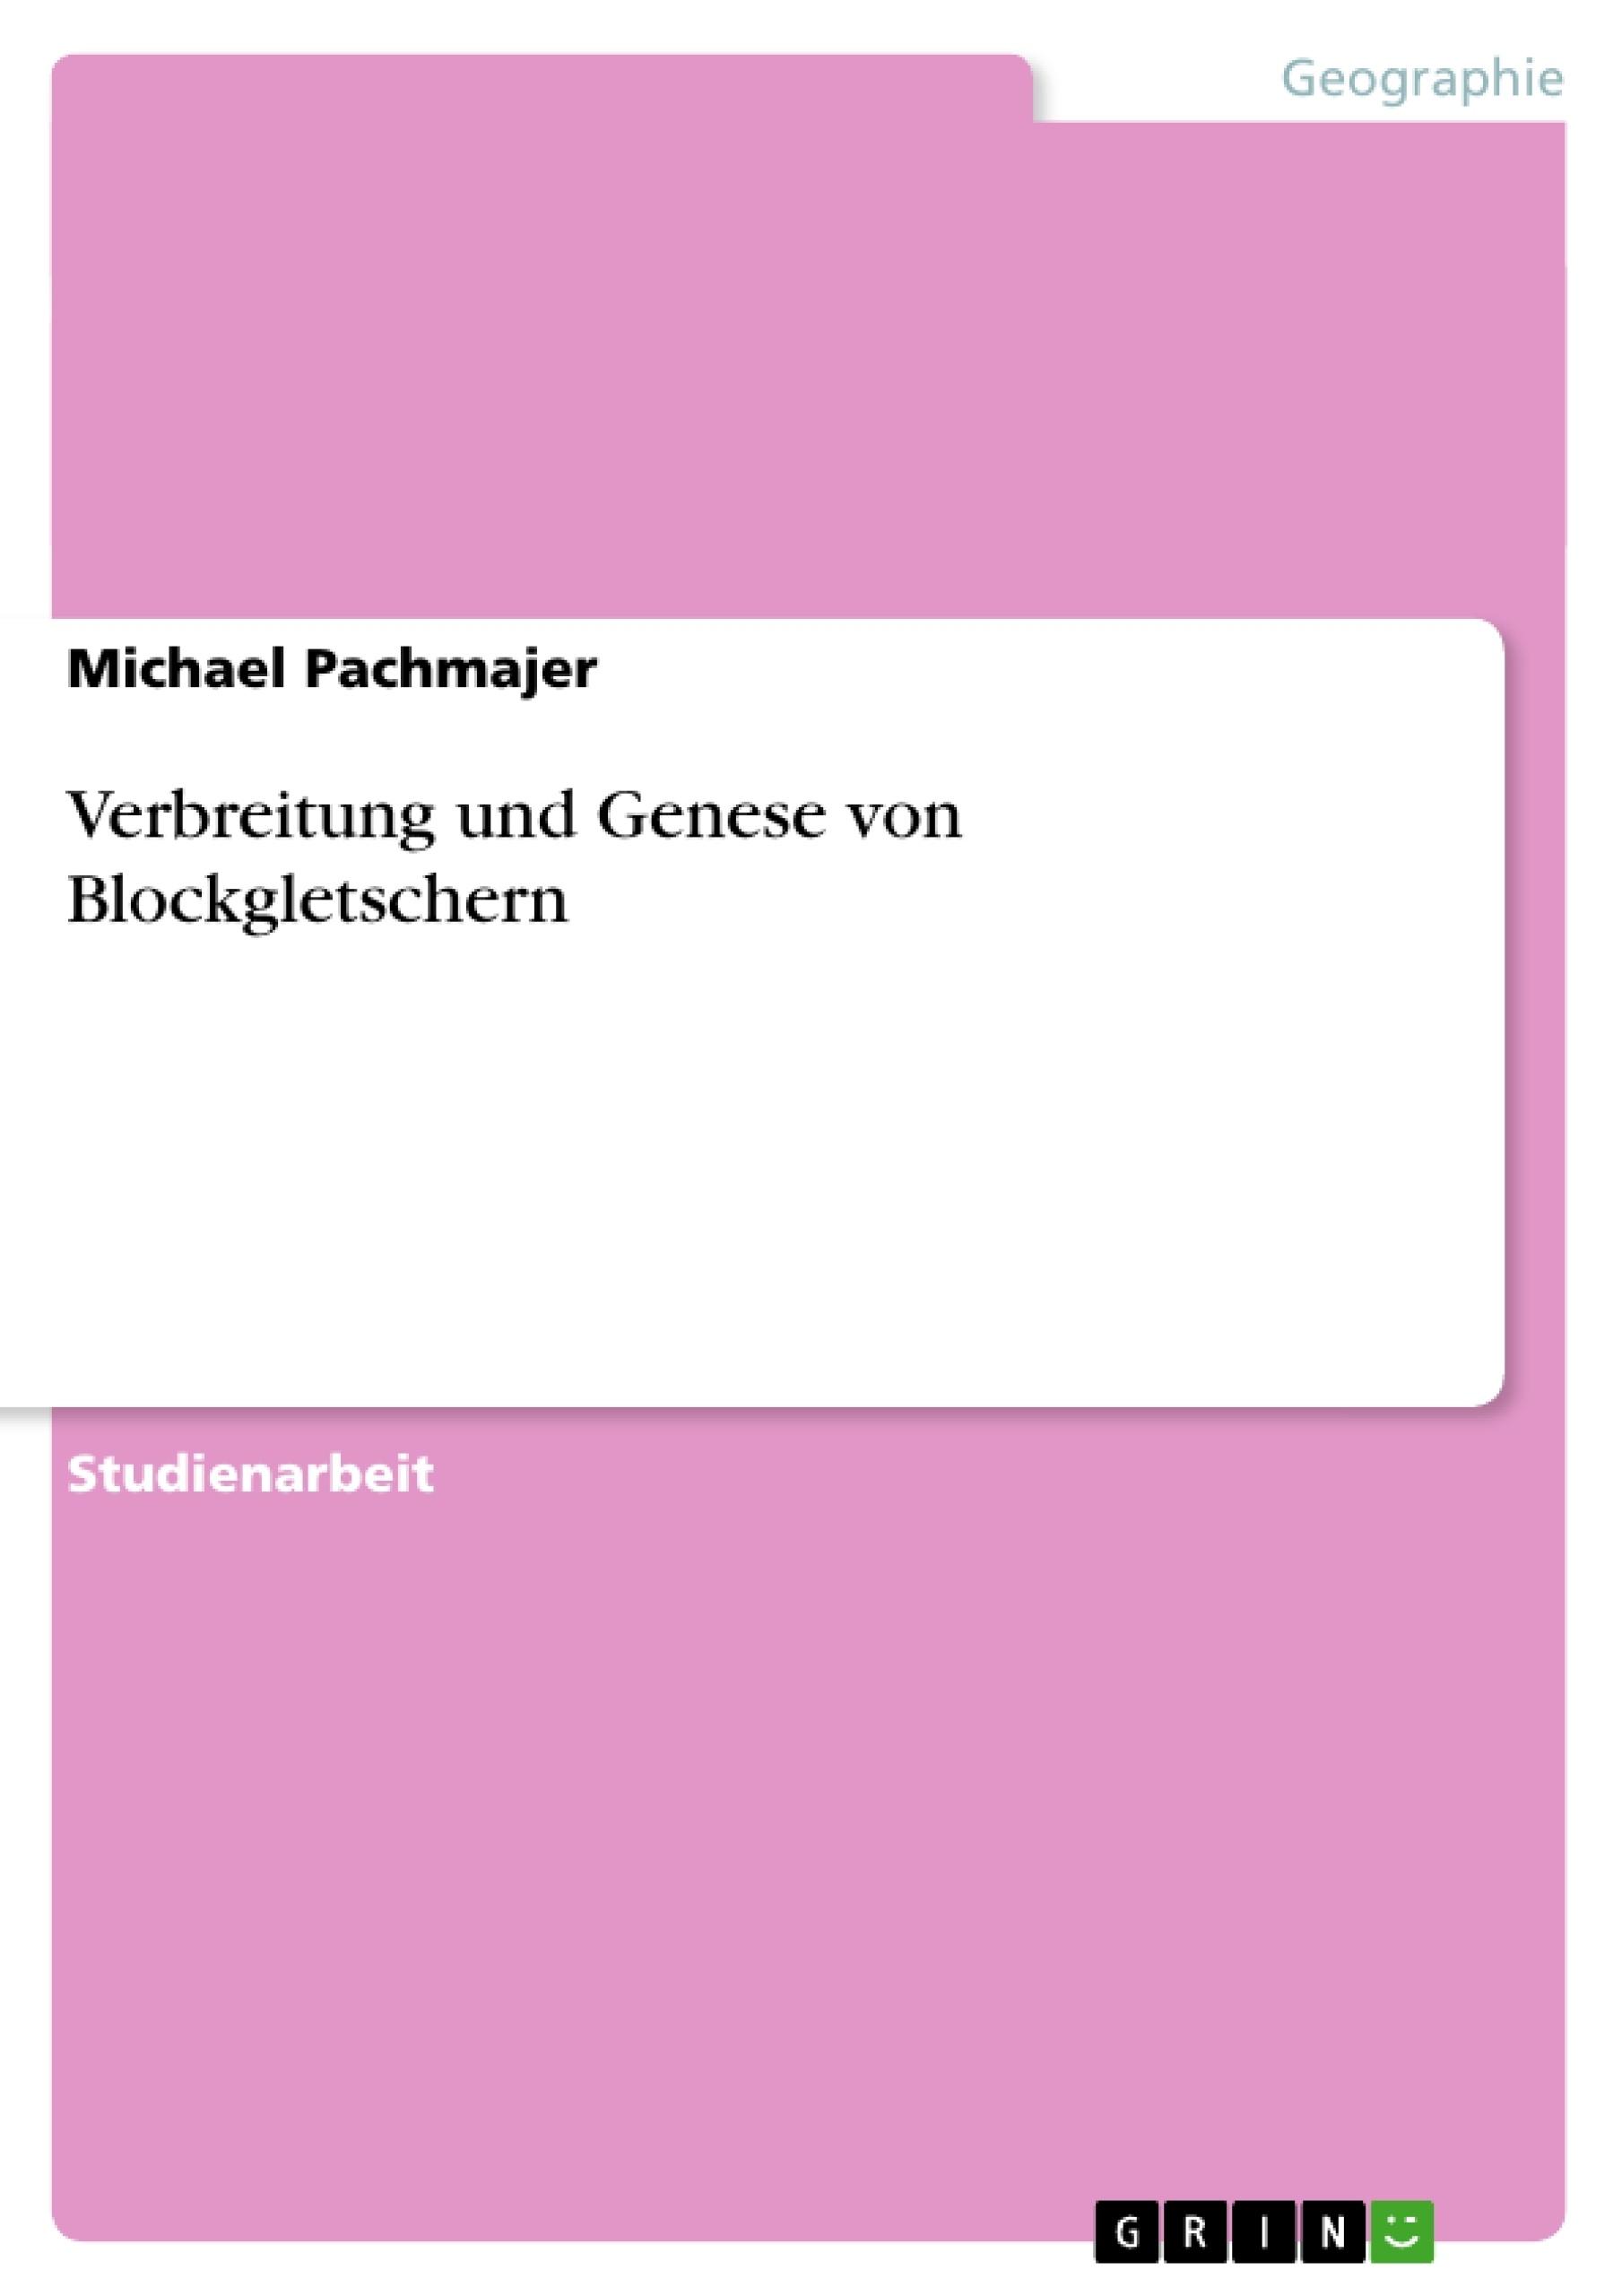 Titel: Verbreitung und Genese von Blockgletschern